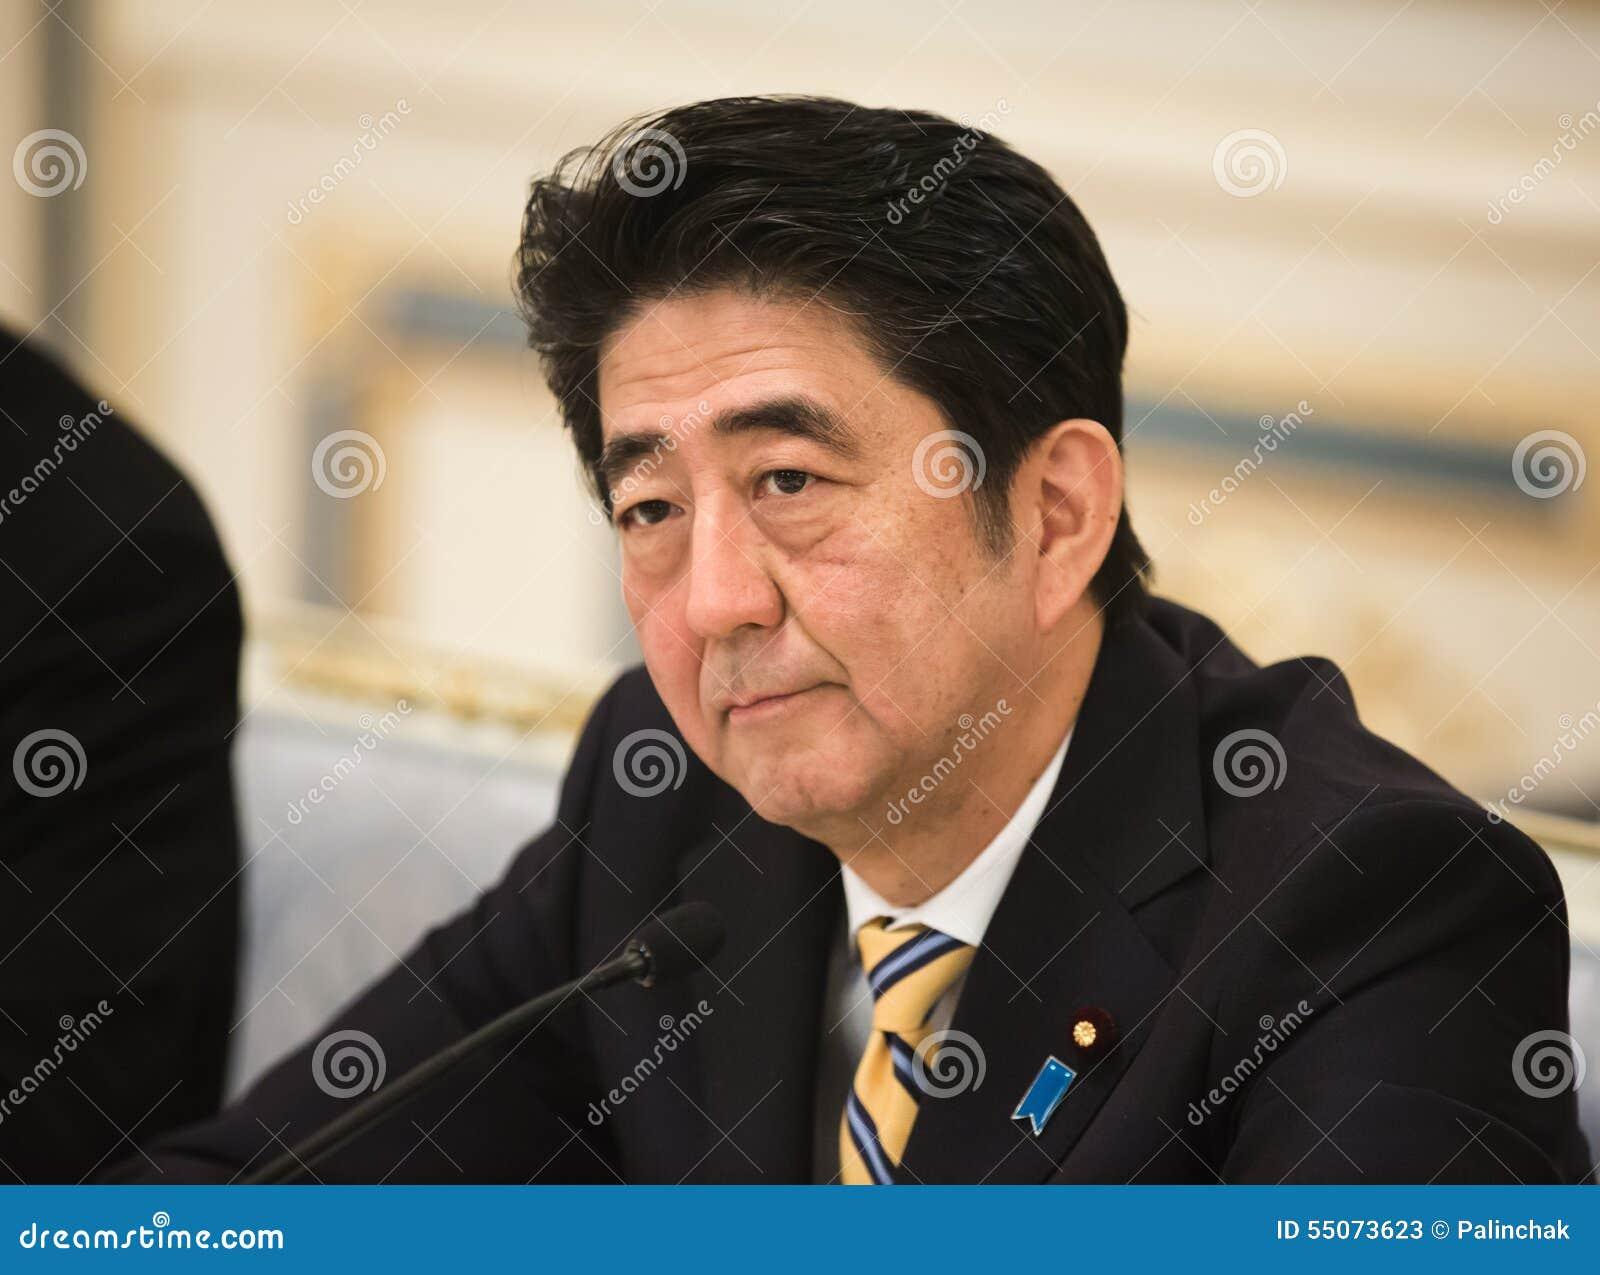 KIEV, UCRAINA - 6 giugno 2015: Primo ministro giapponese Shinzo Abe nel corso della sua riunione con presidente dell'Ucraina Petro Poroshenko a Kiev. - primo-ministro-giapponese-shinzo-abe-55073623